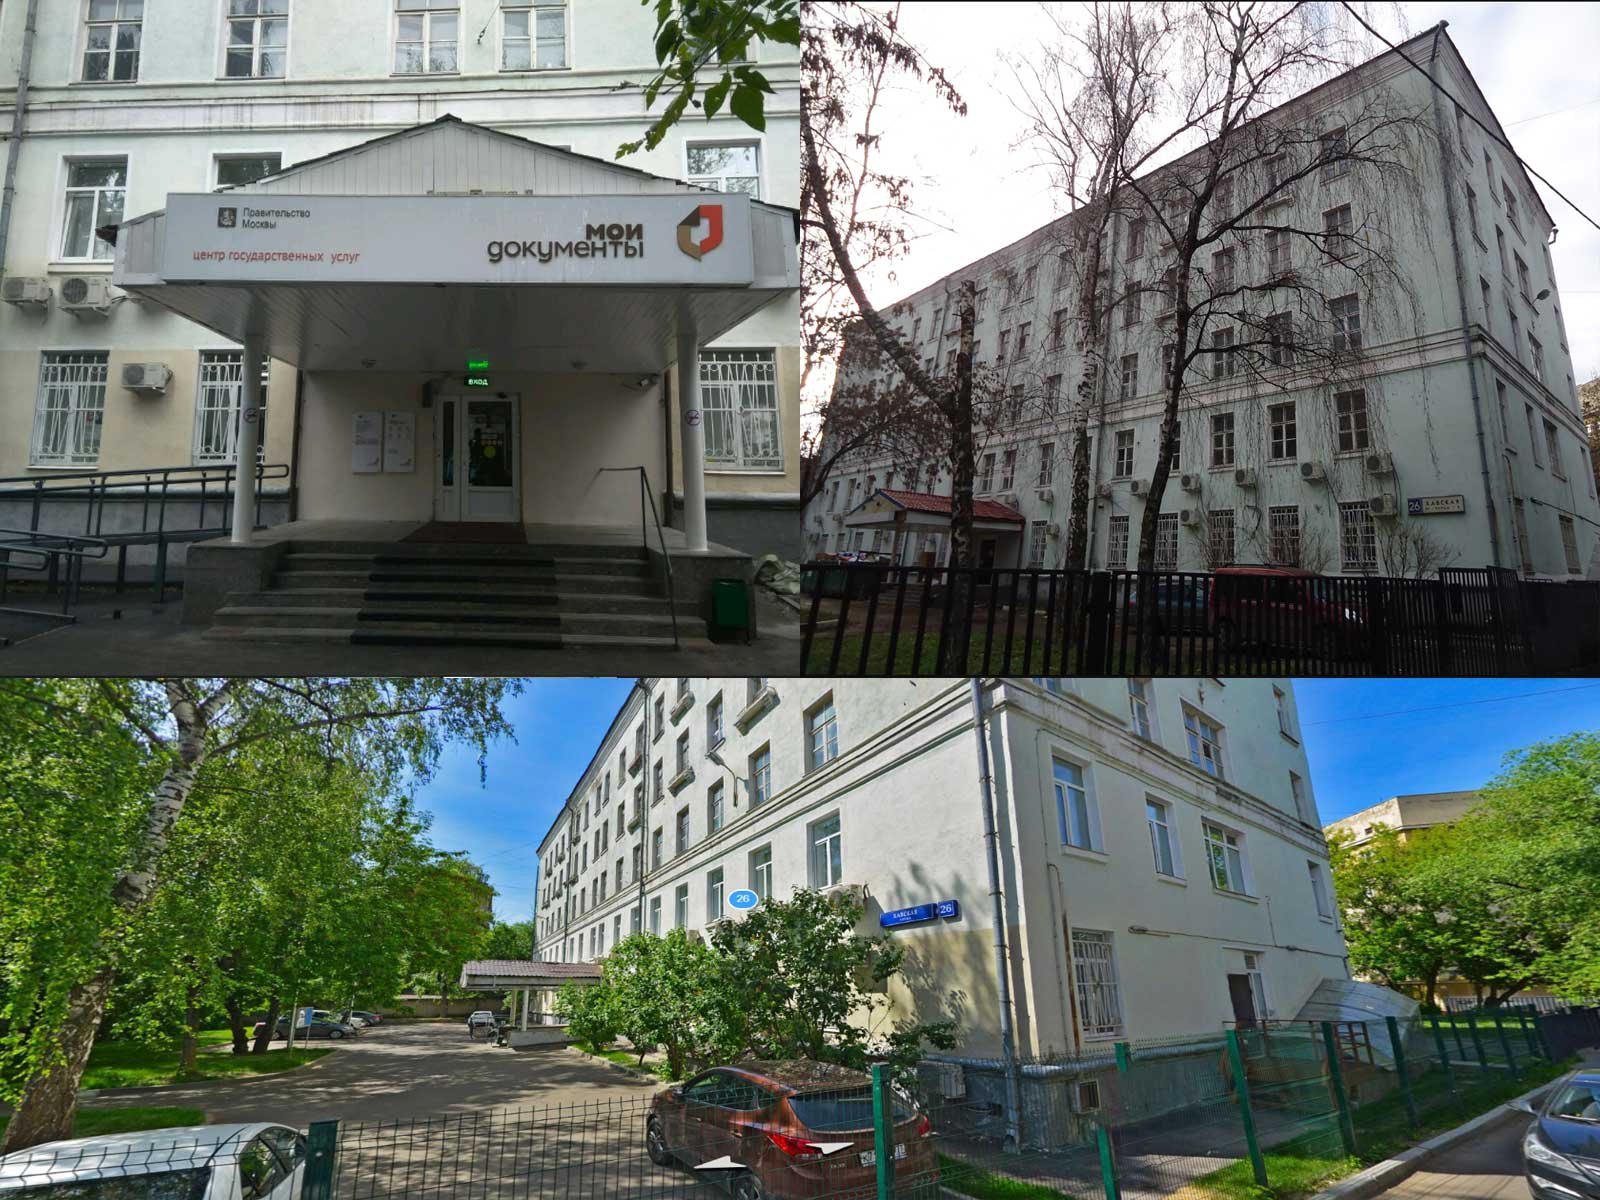 вид на здание отдела УФМС по Даниловскому району, Хавская ул., 26, Москва